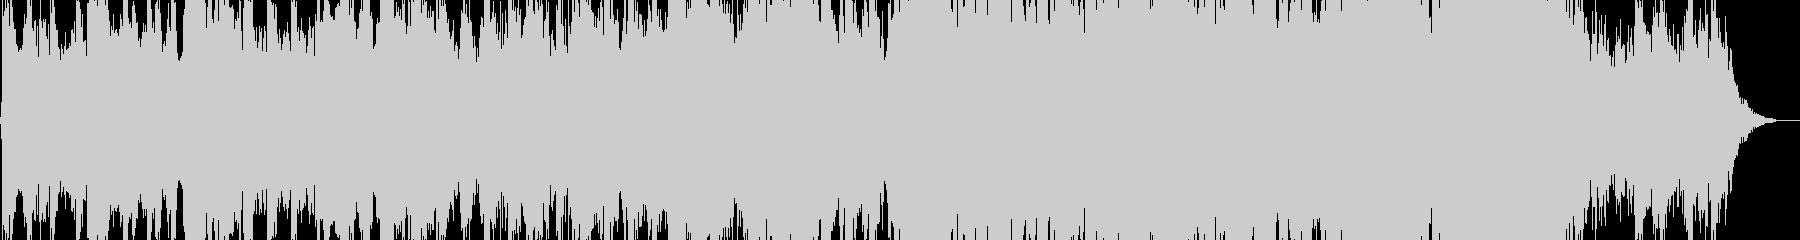 ティンパニが目立つ重厚壮大なオーケストラの未再生の波形